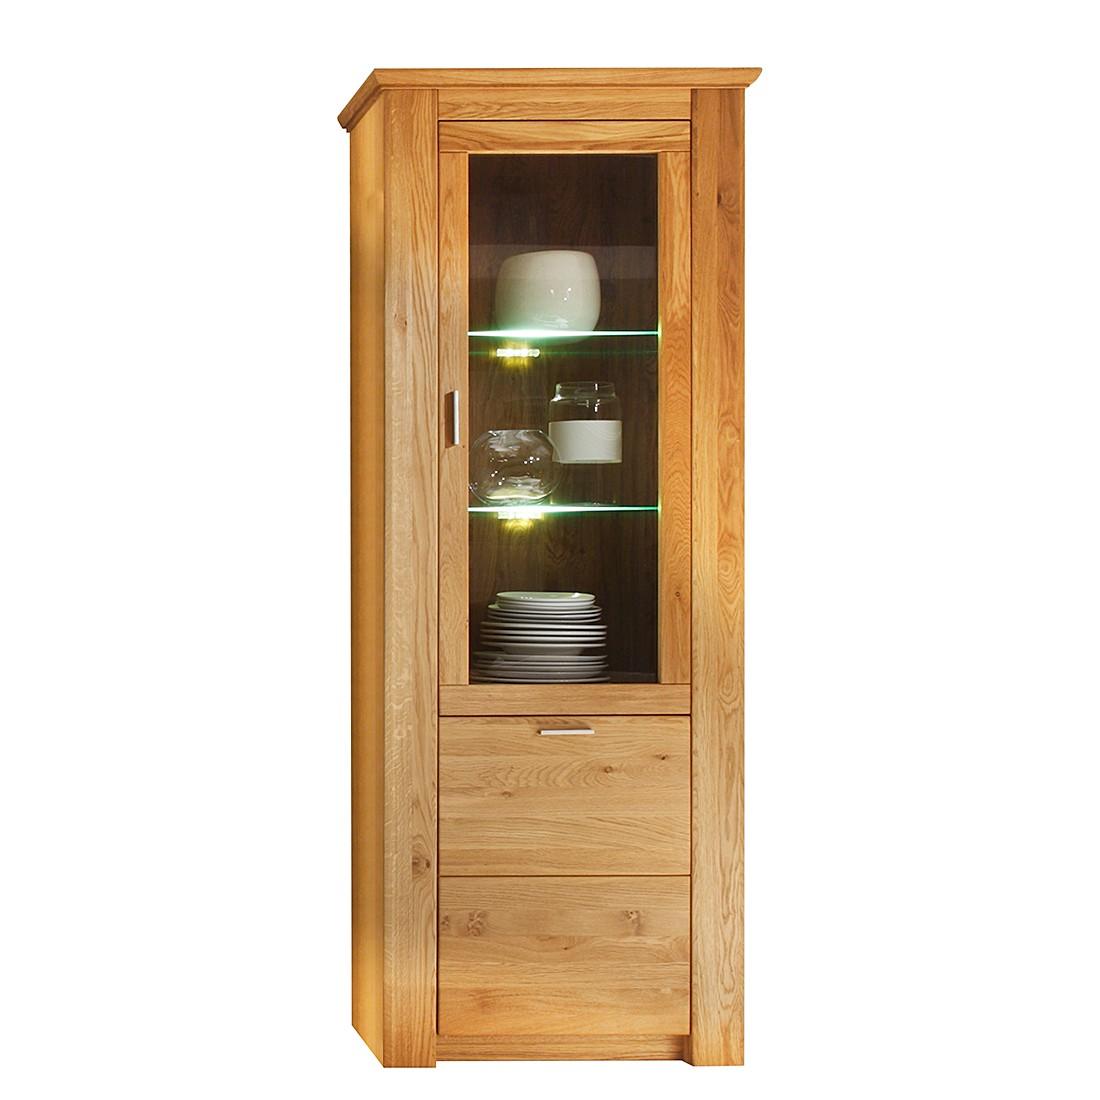 standvitrine cleveland ii wildeiche teilmassiv t ranschlag rechts kerkhoff online kaufen. Black Bedroom Furniture Sets. Home Design Ideas